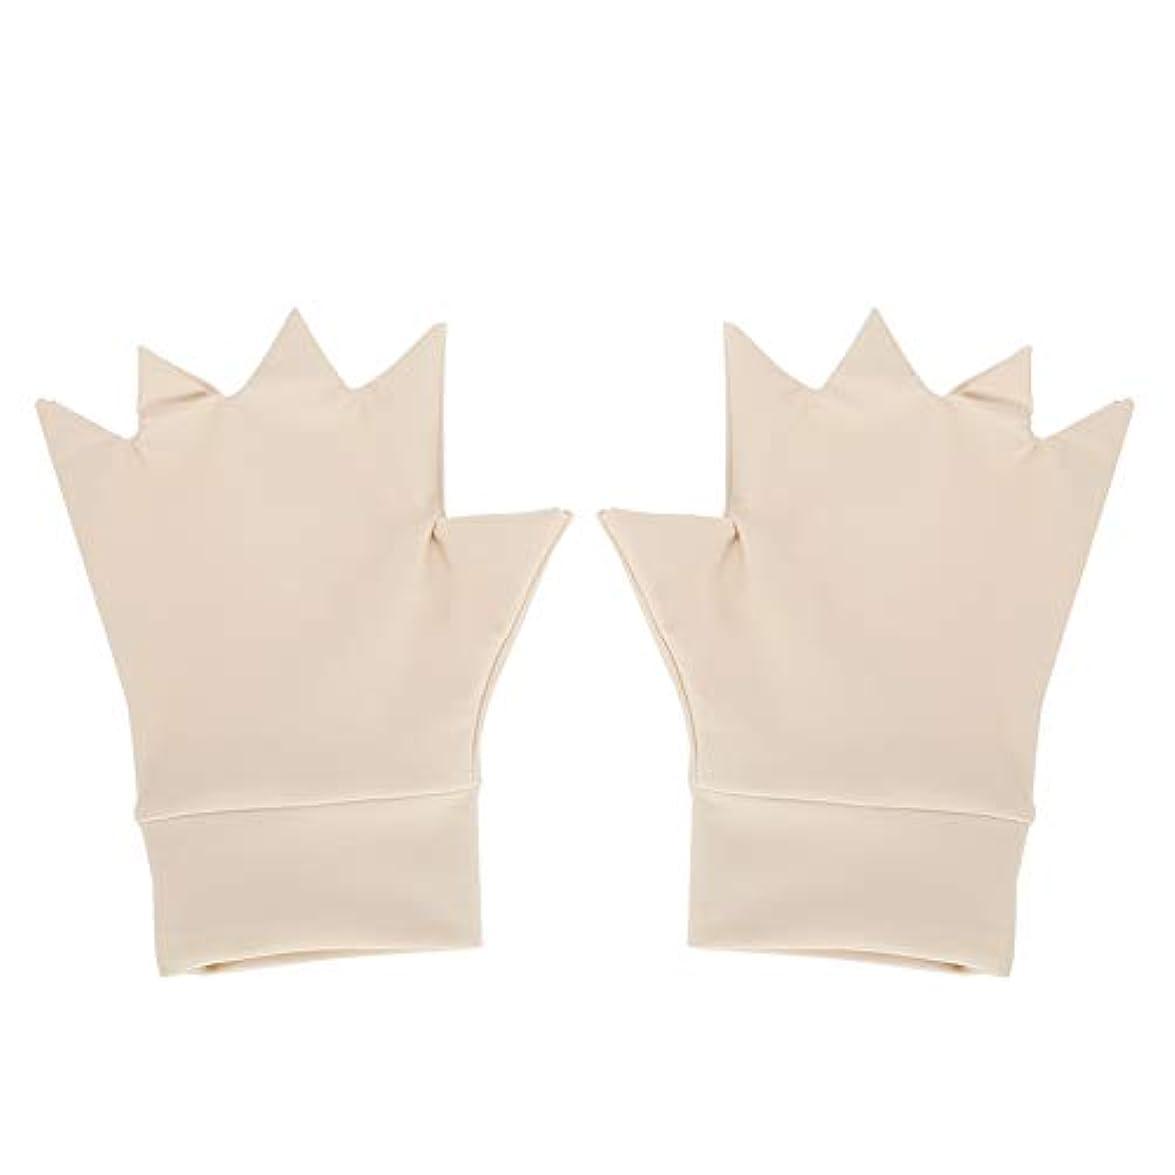 仕立て屋シエスタ専ら抗関節炎の手袋、抗関節炎のヘルスケアの手袋の圧縮療法のリウマチの痛み